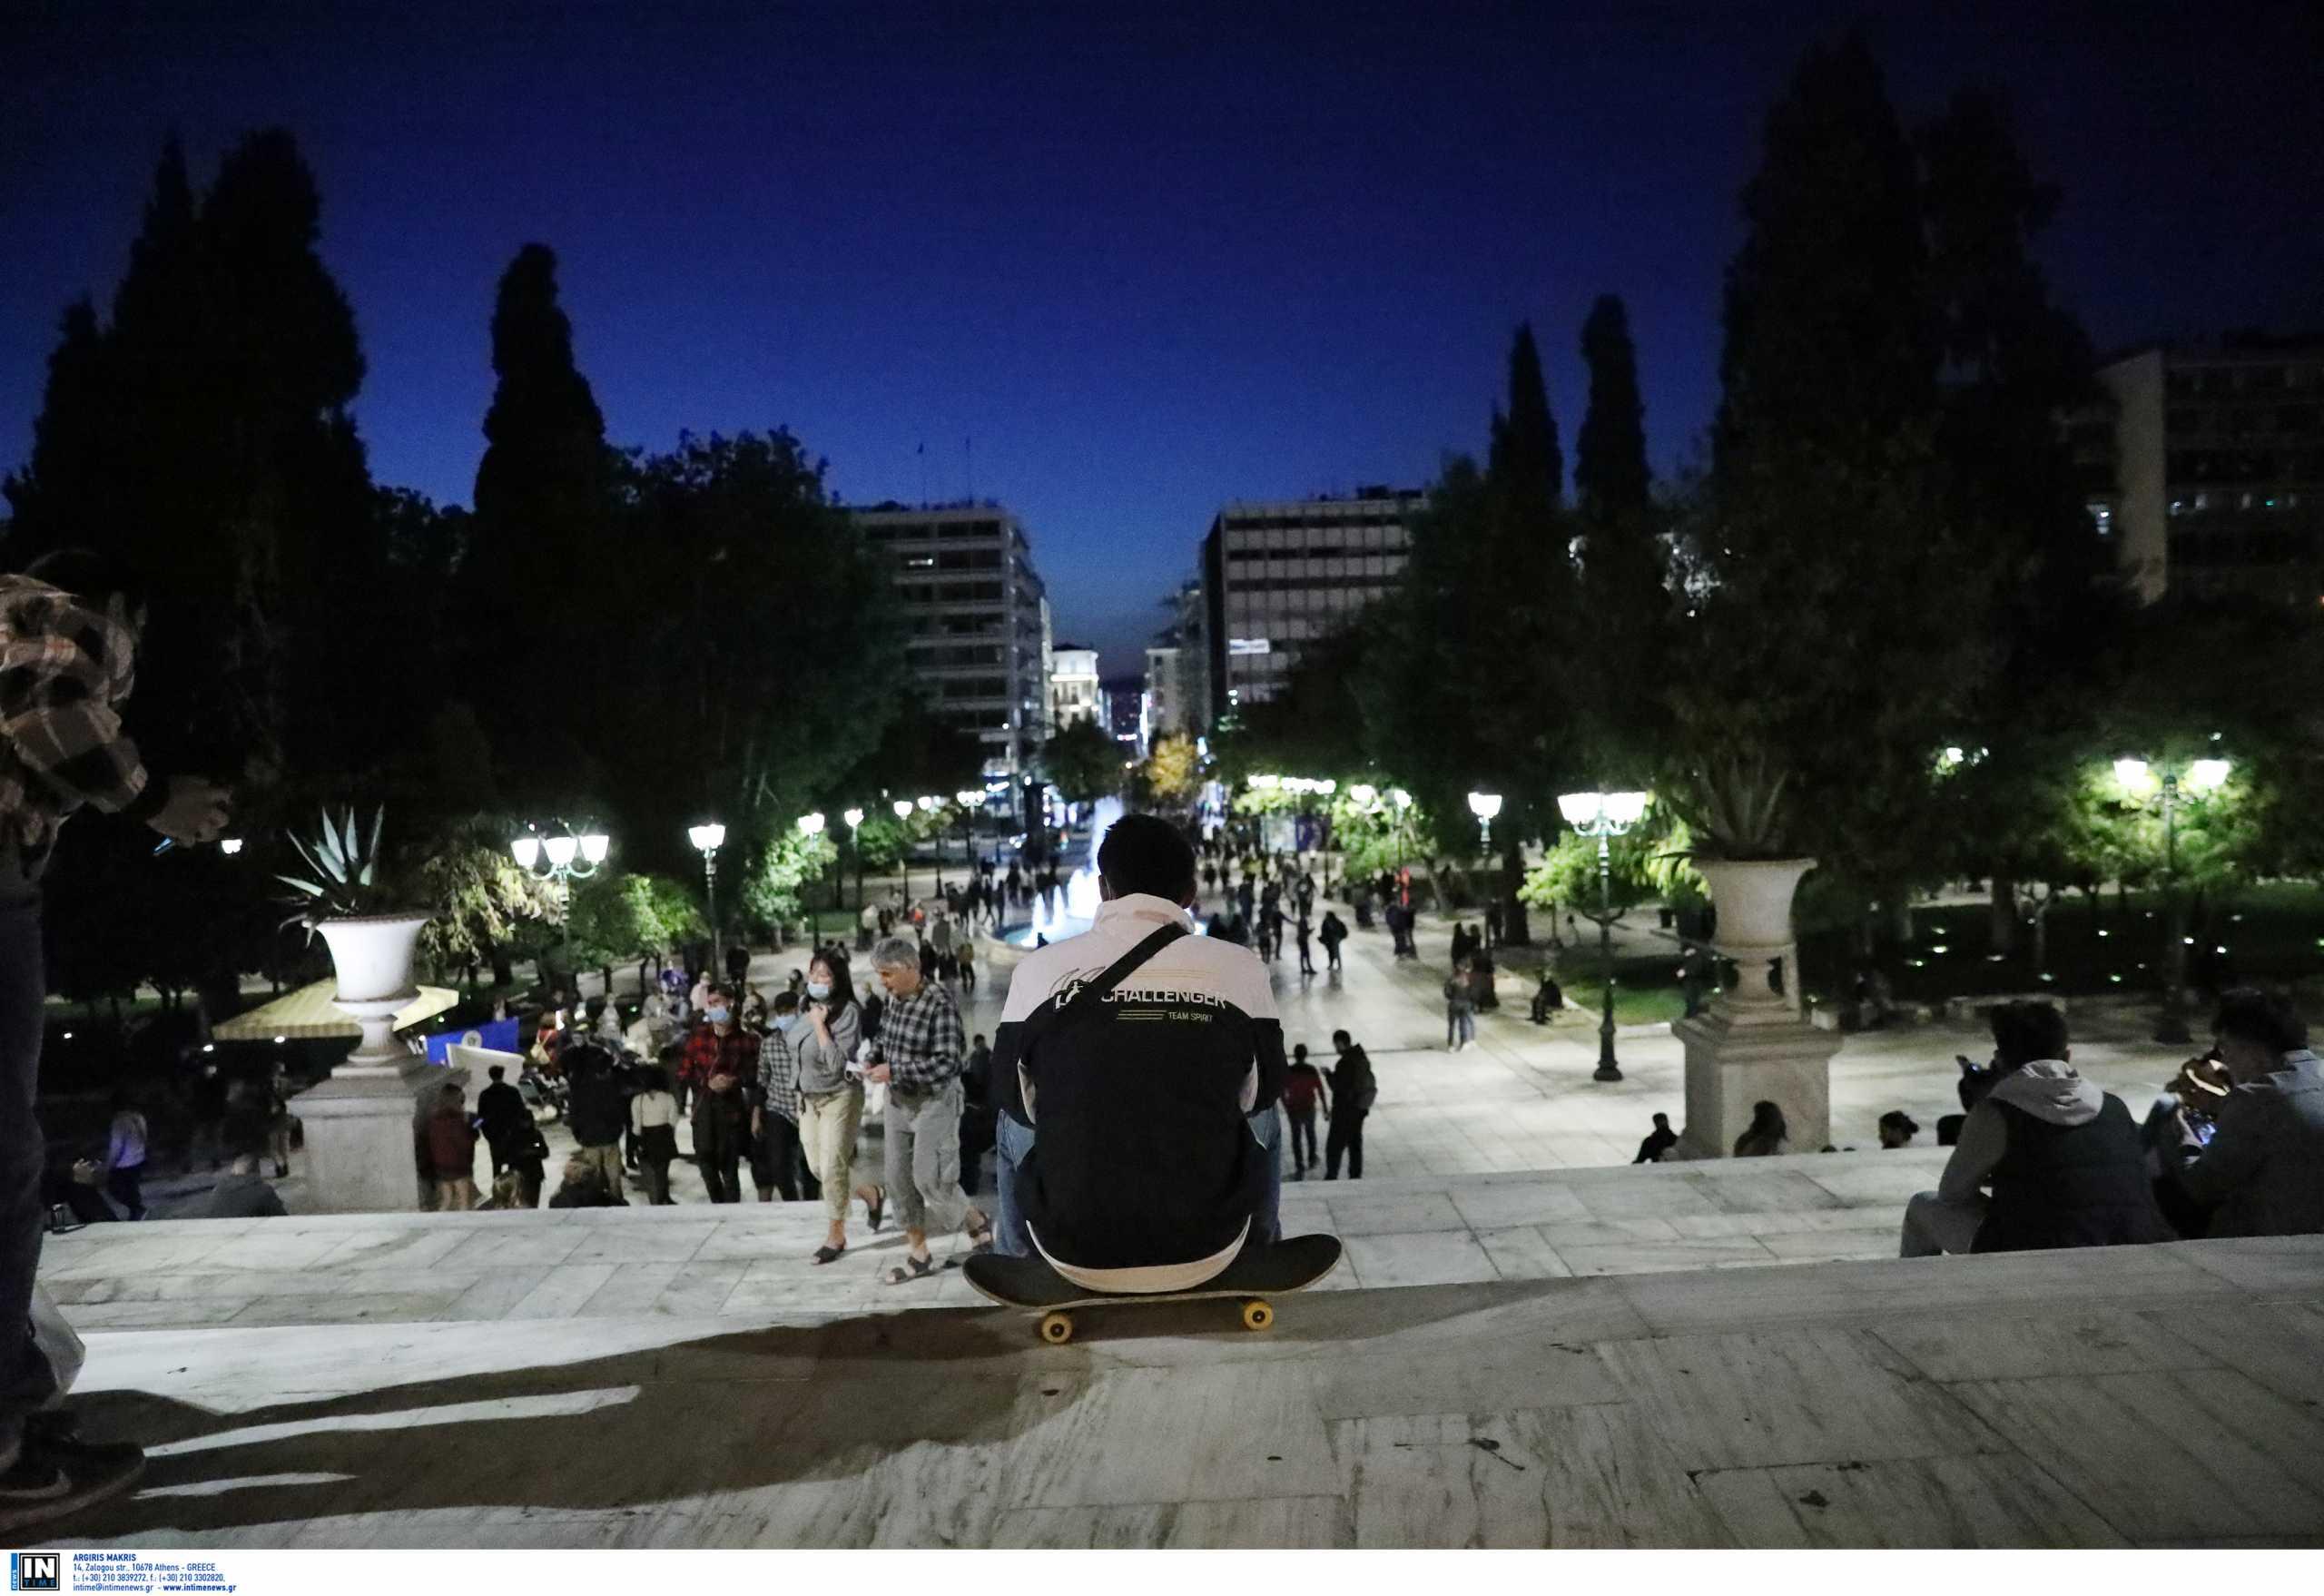 Τρόμος στο κέντρο της Αθήνας από συμμορίες ανήλικων ληστών – Ξυλοκοπούν συνομηλίκους τους για λίγα ευρώ και κινητά